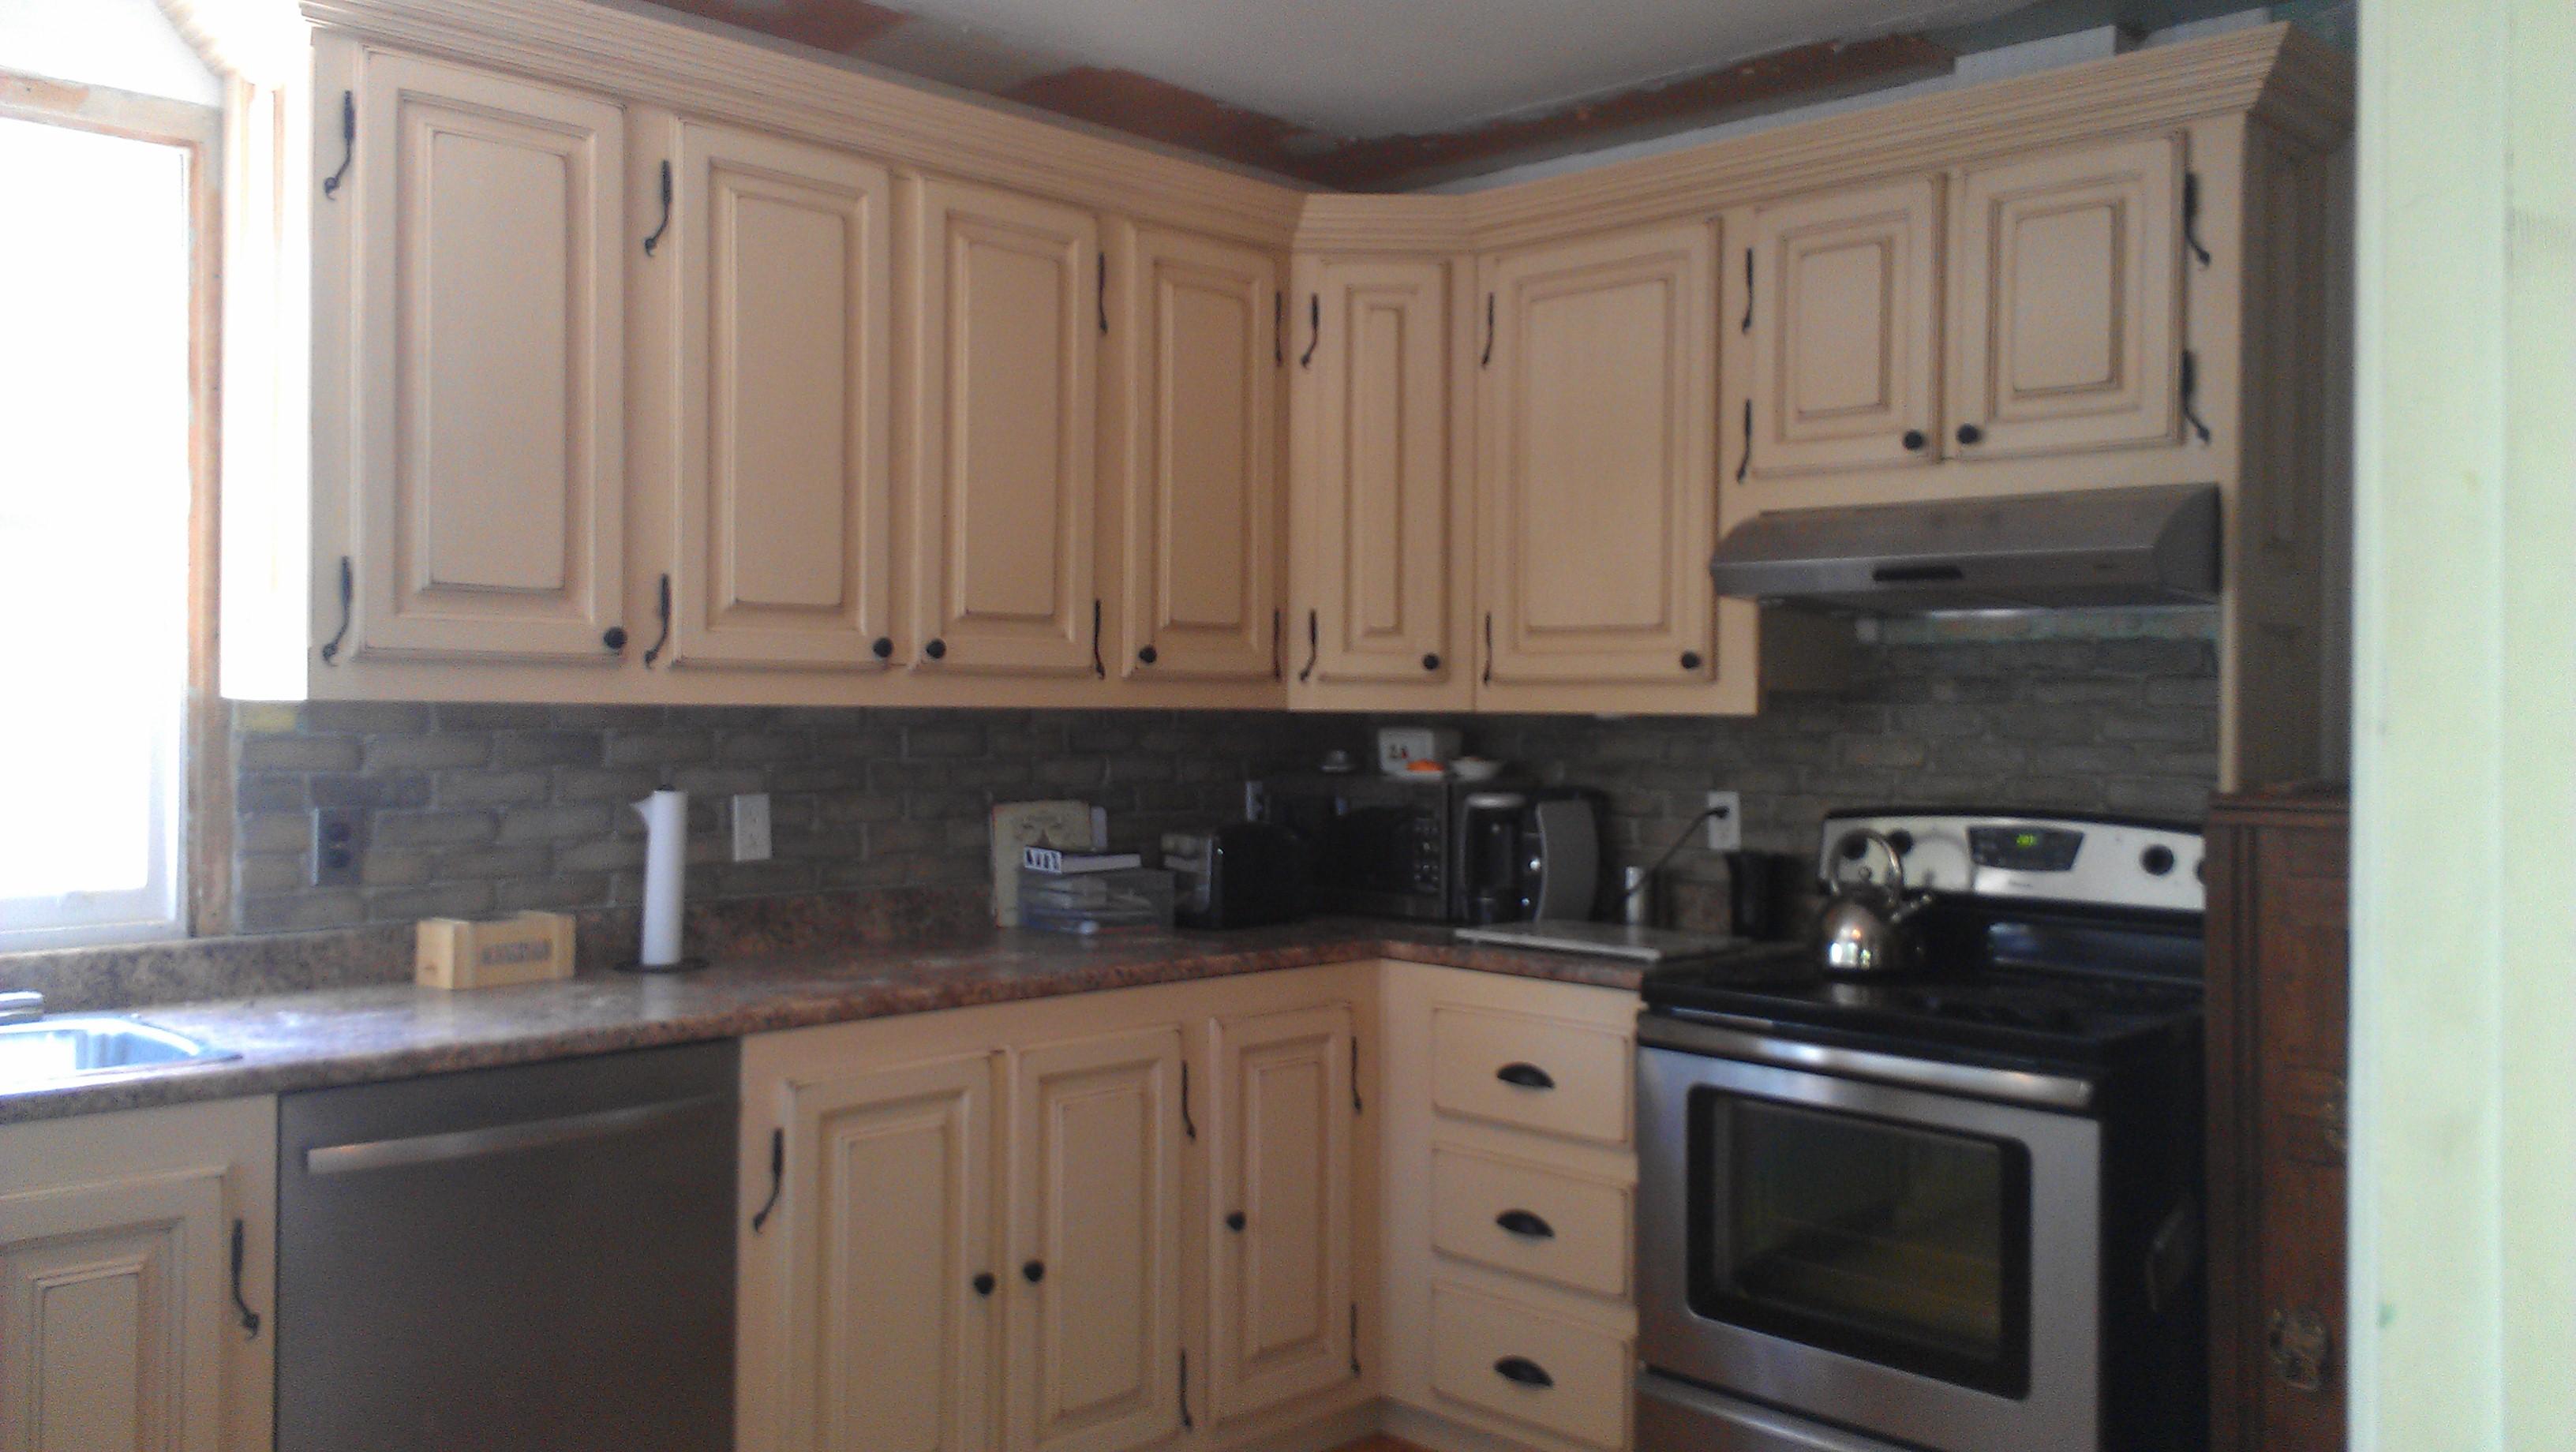 Modele armoire cuisine antique - Tout sur la cuisine et le ...